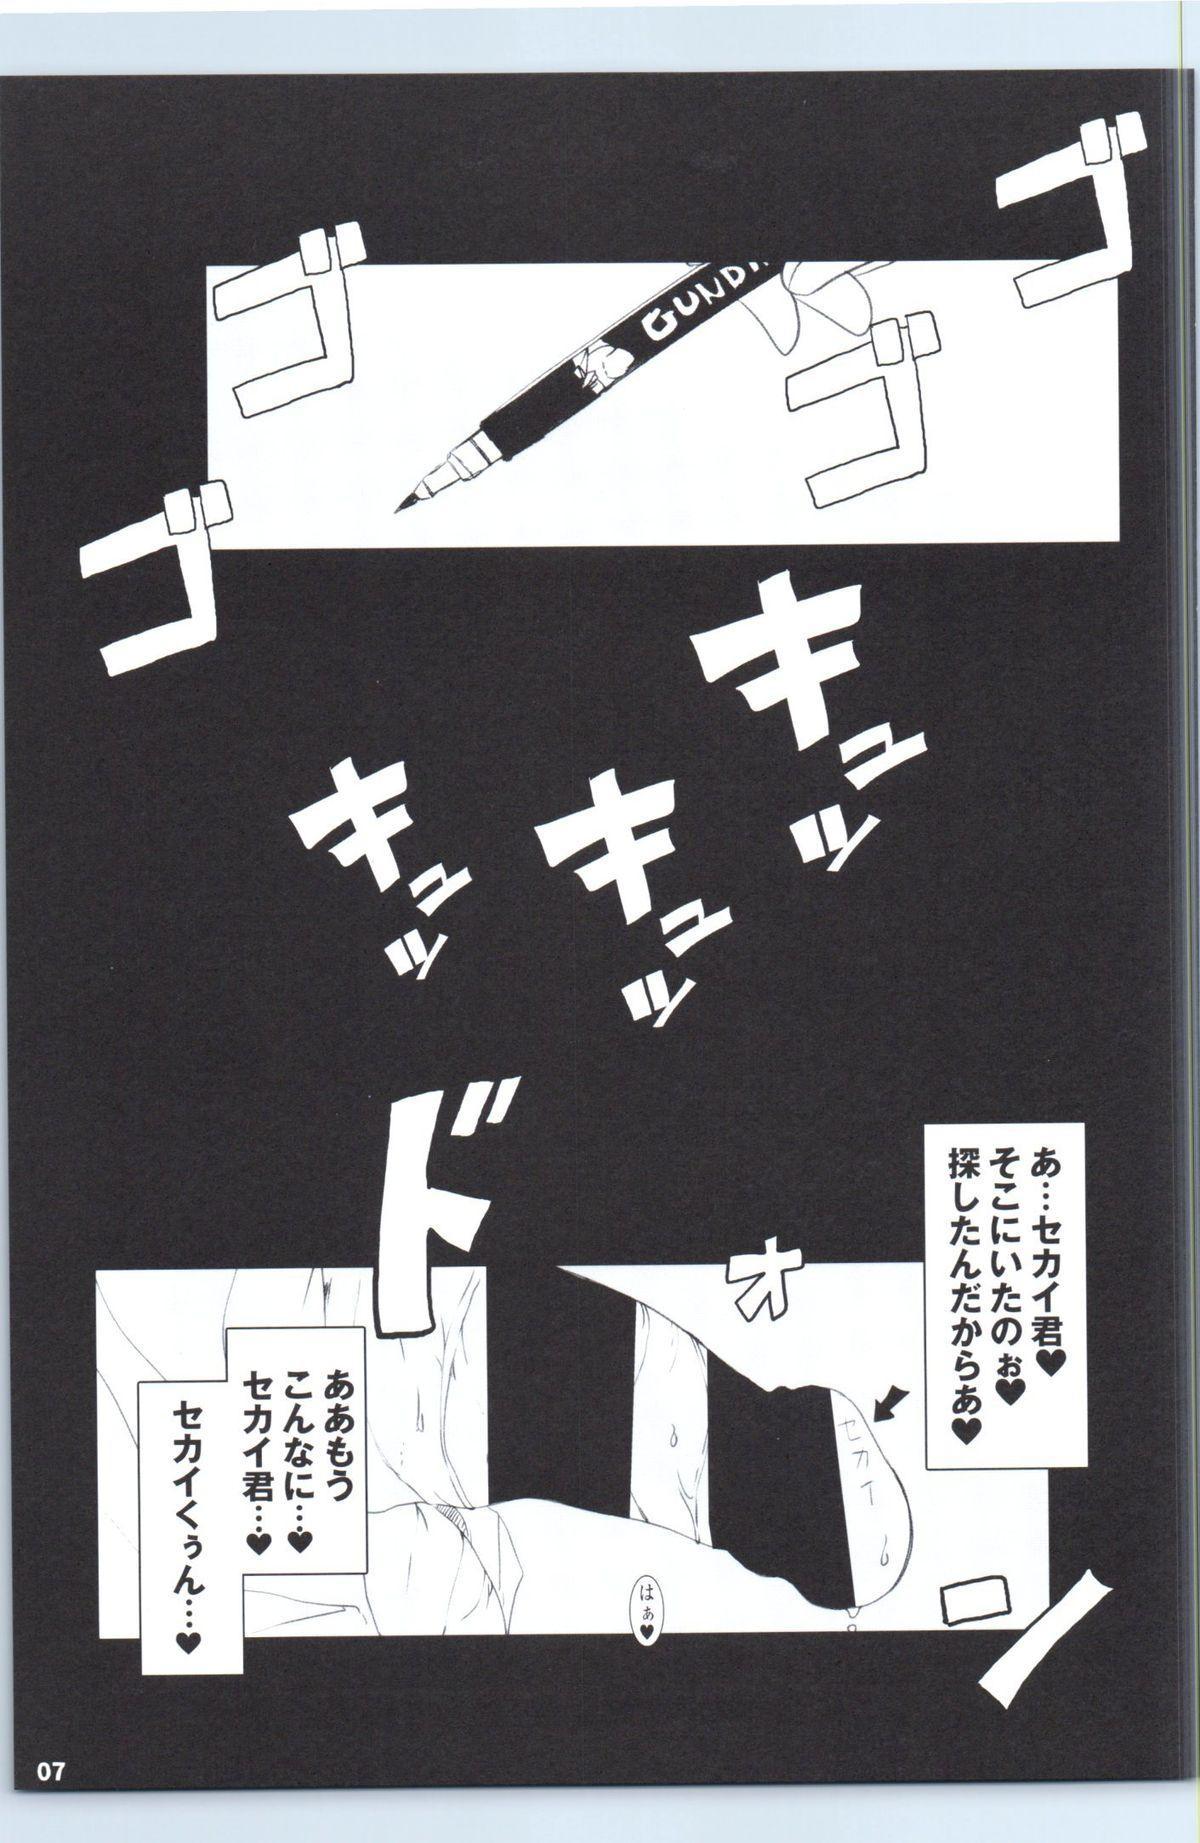 Saiin Gyanko Nakadashi Sakunyuu Try 5